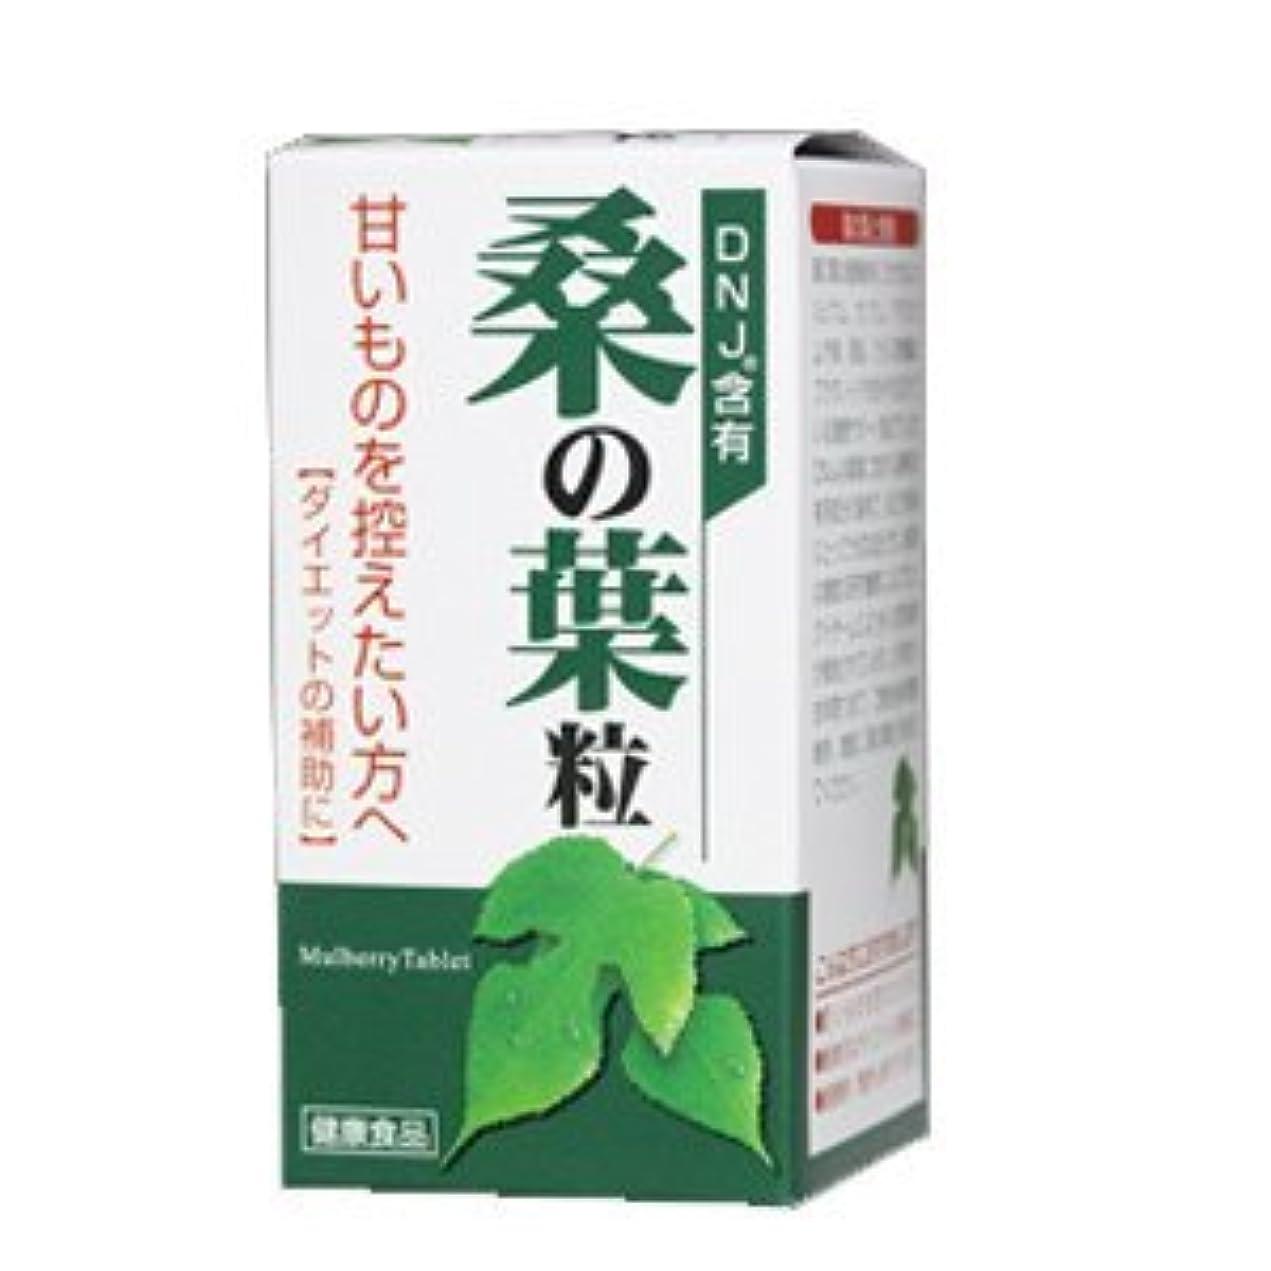 はぁドロー小石桑の葉粒 270粒 2個 大草薬品